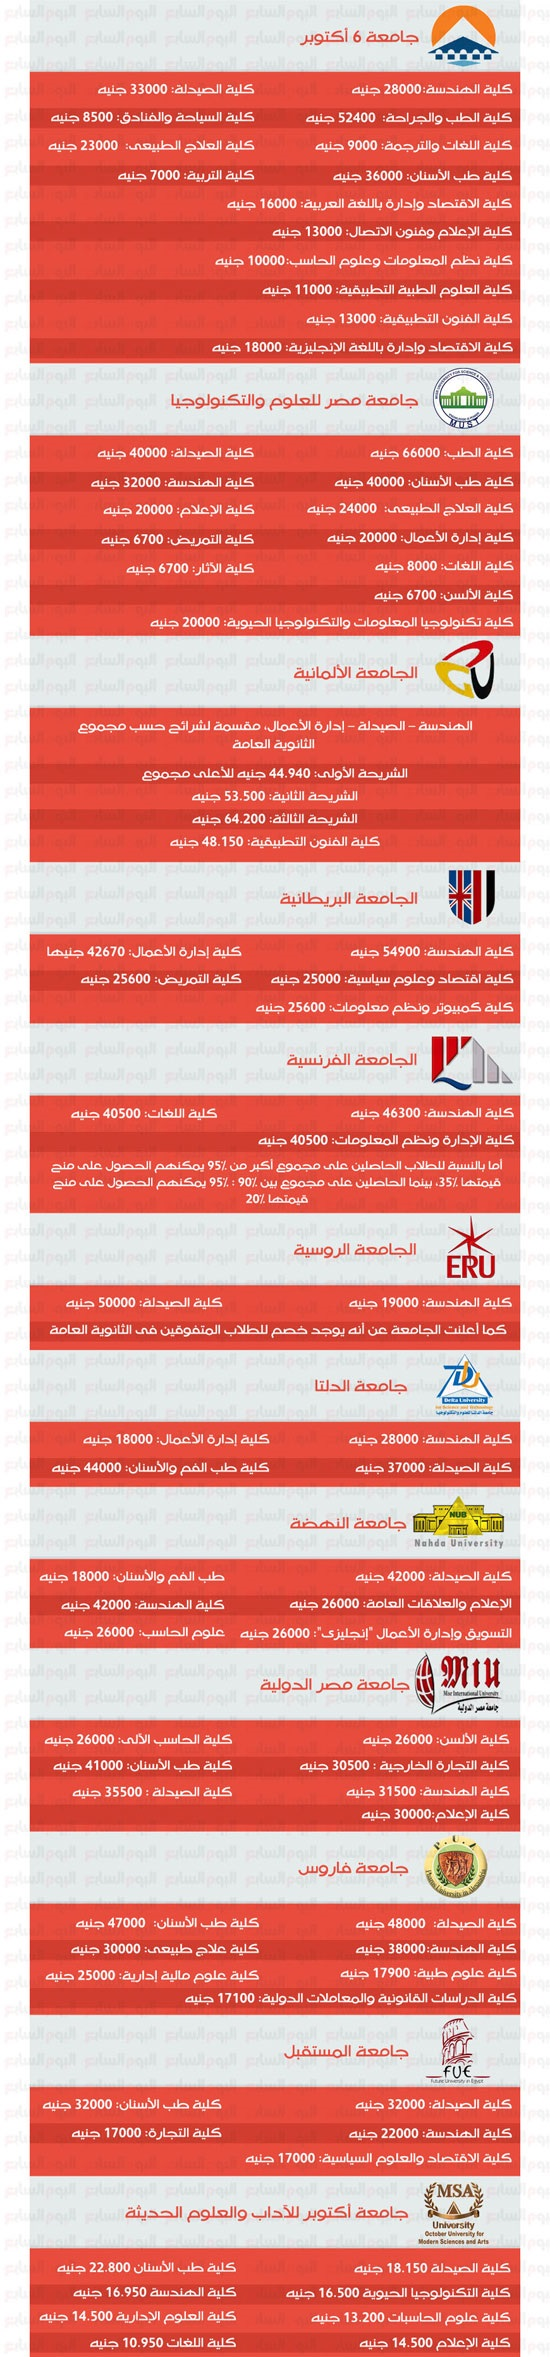 مصاريف كل الكليات والمعاهد الخاصة بمصر لعام 2019/2020 Thyfdjhfg84